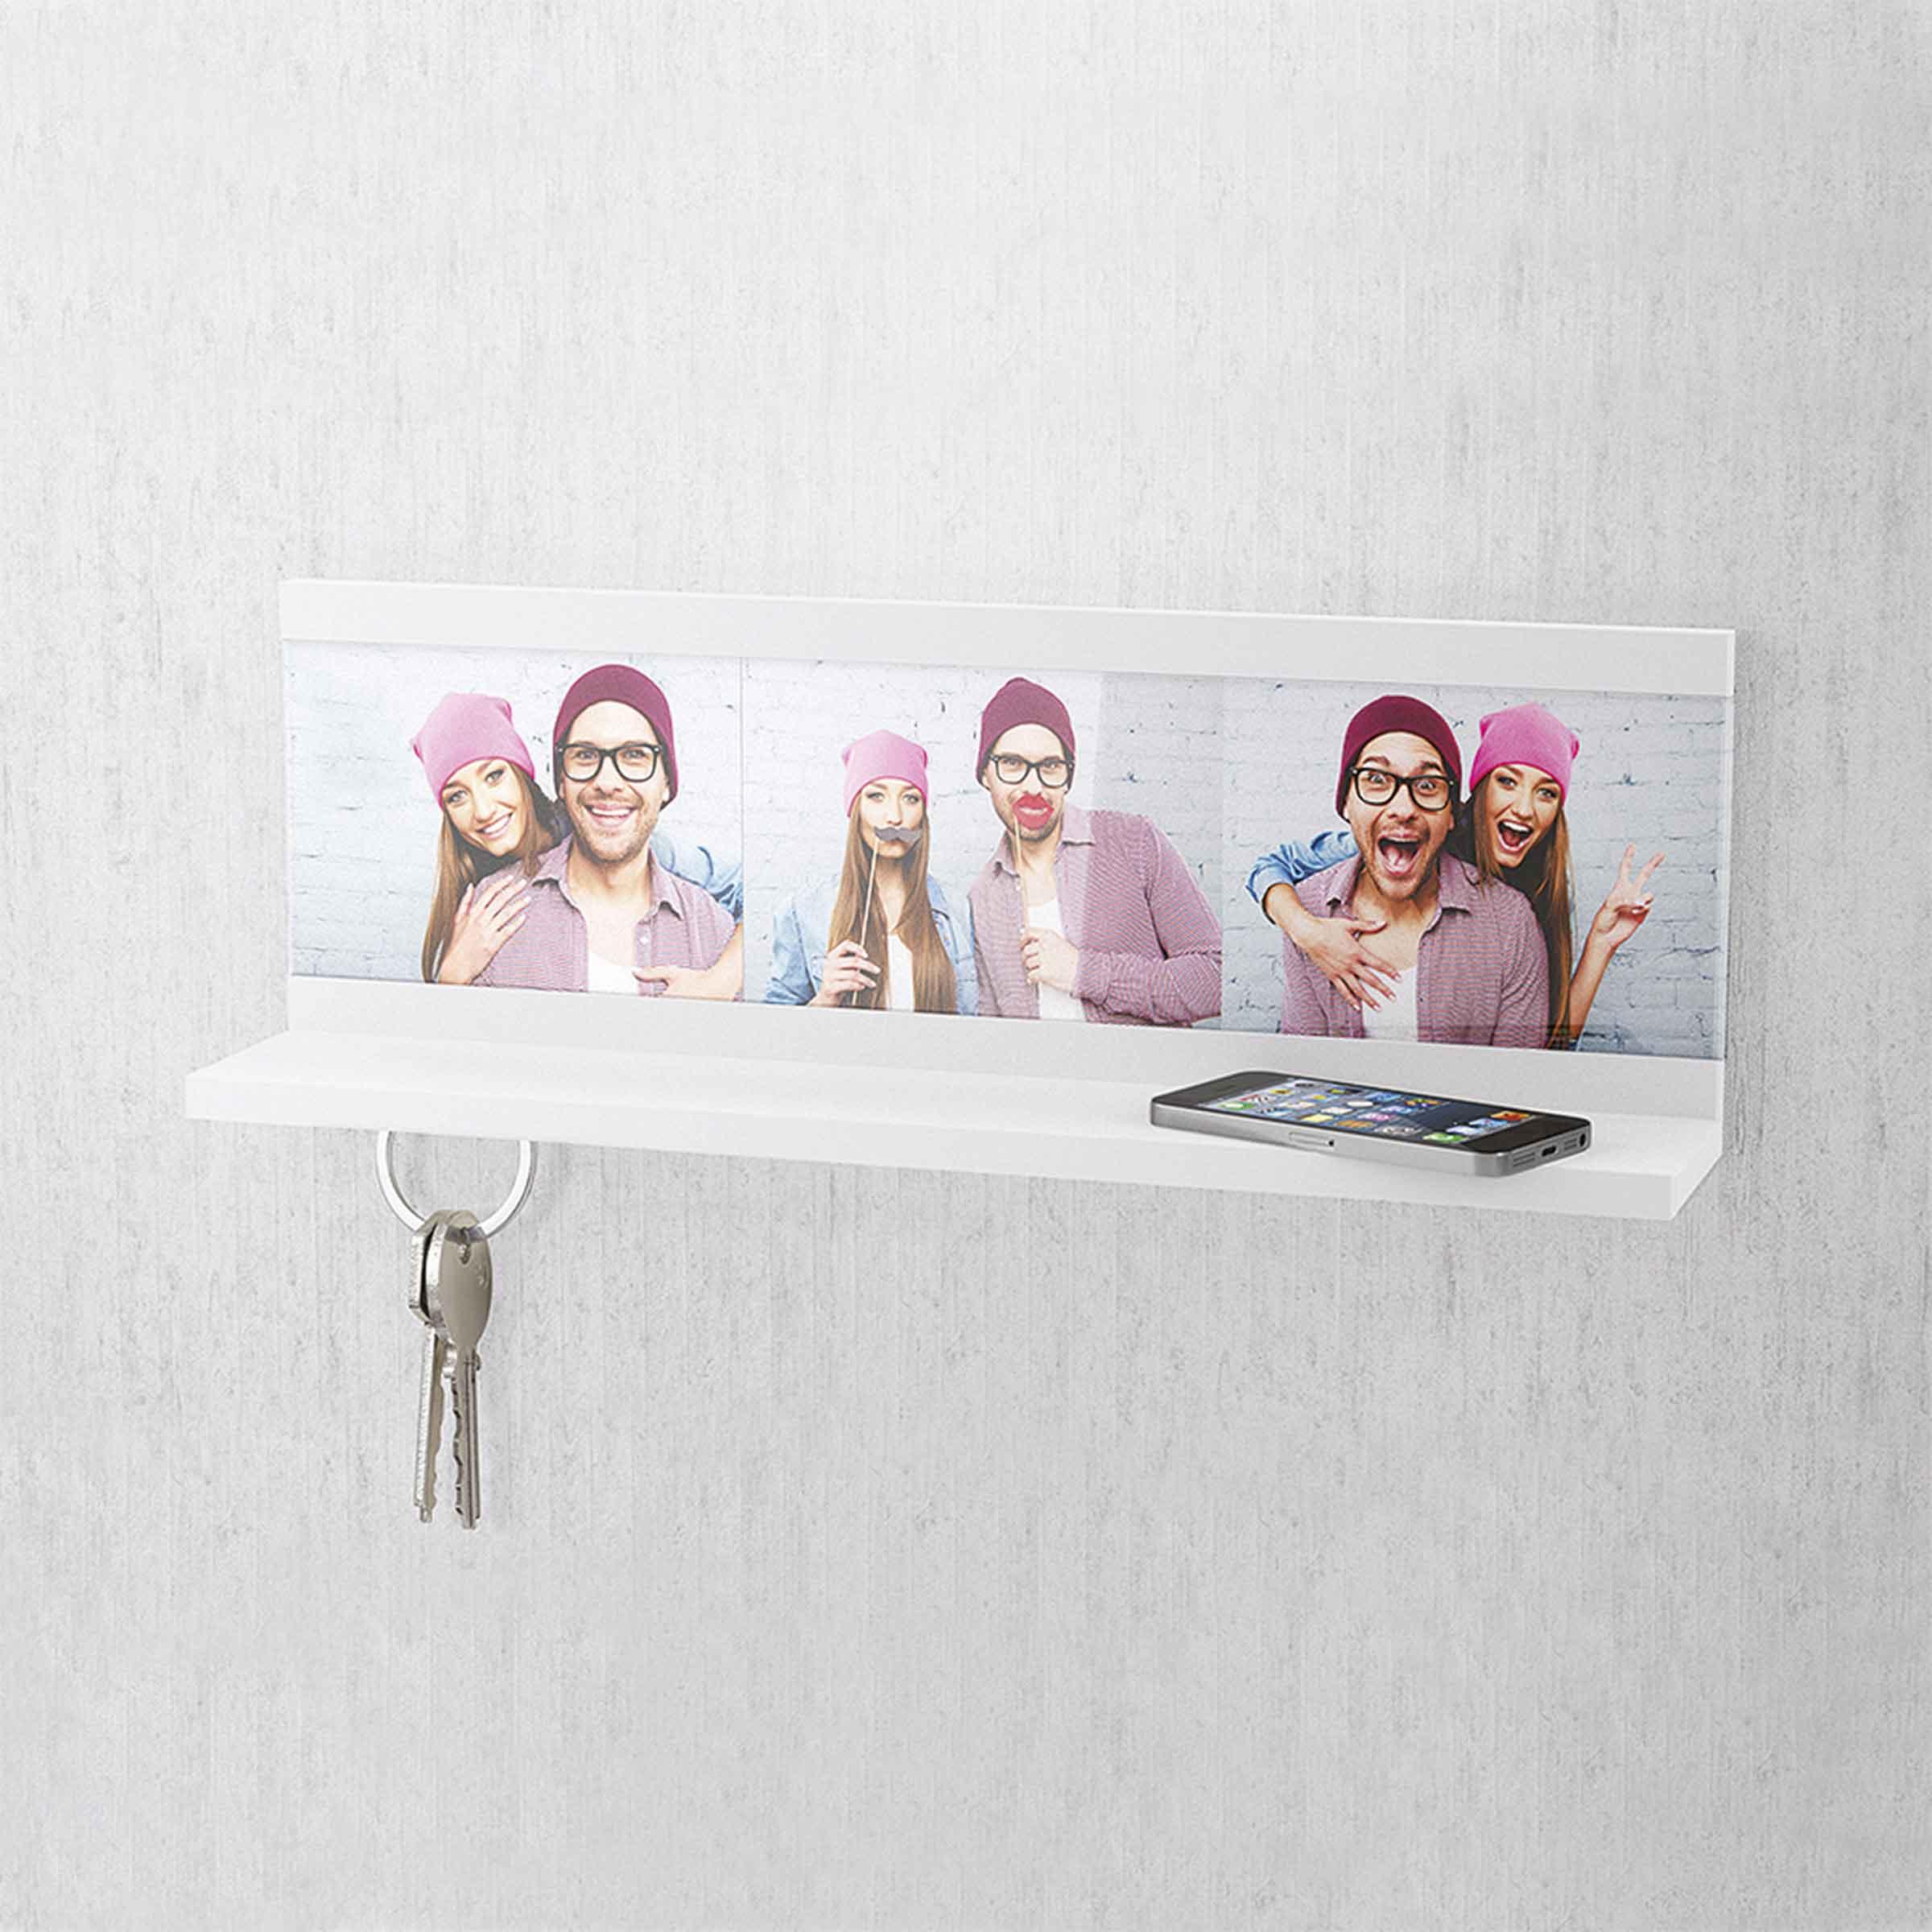 étagère murale en bois aggloméré blanc avec 3 aimants puissants sous l'étagère